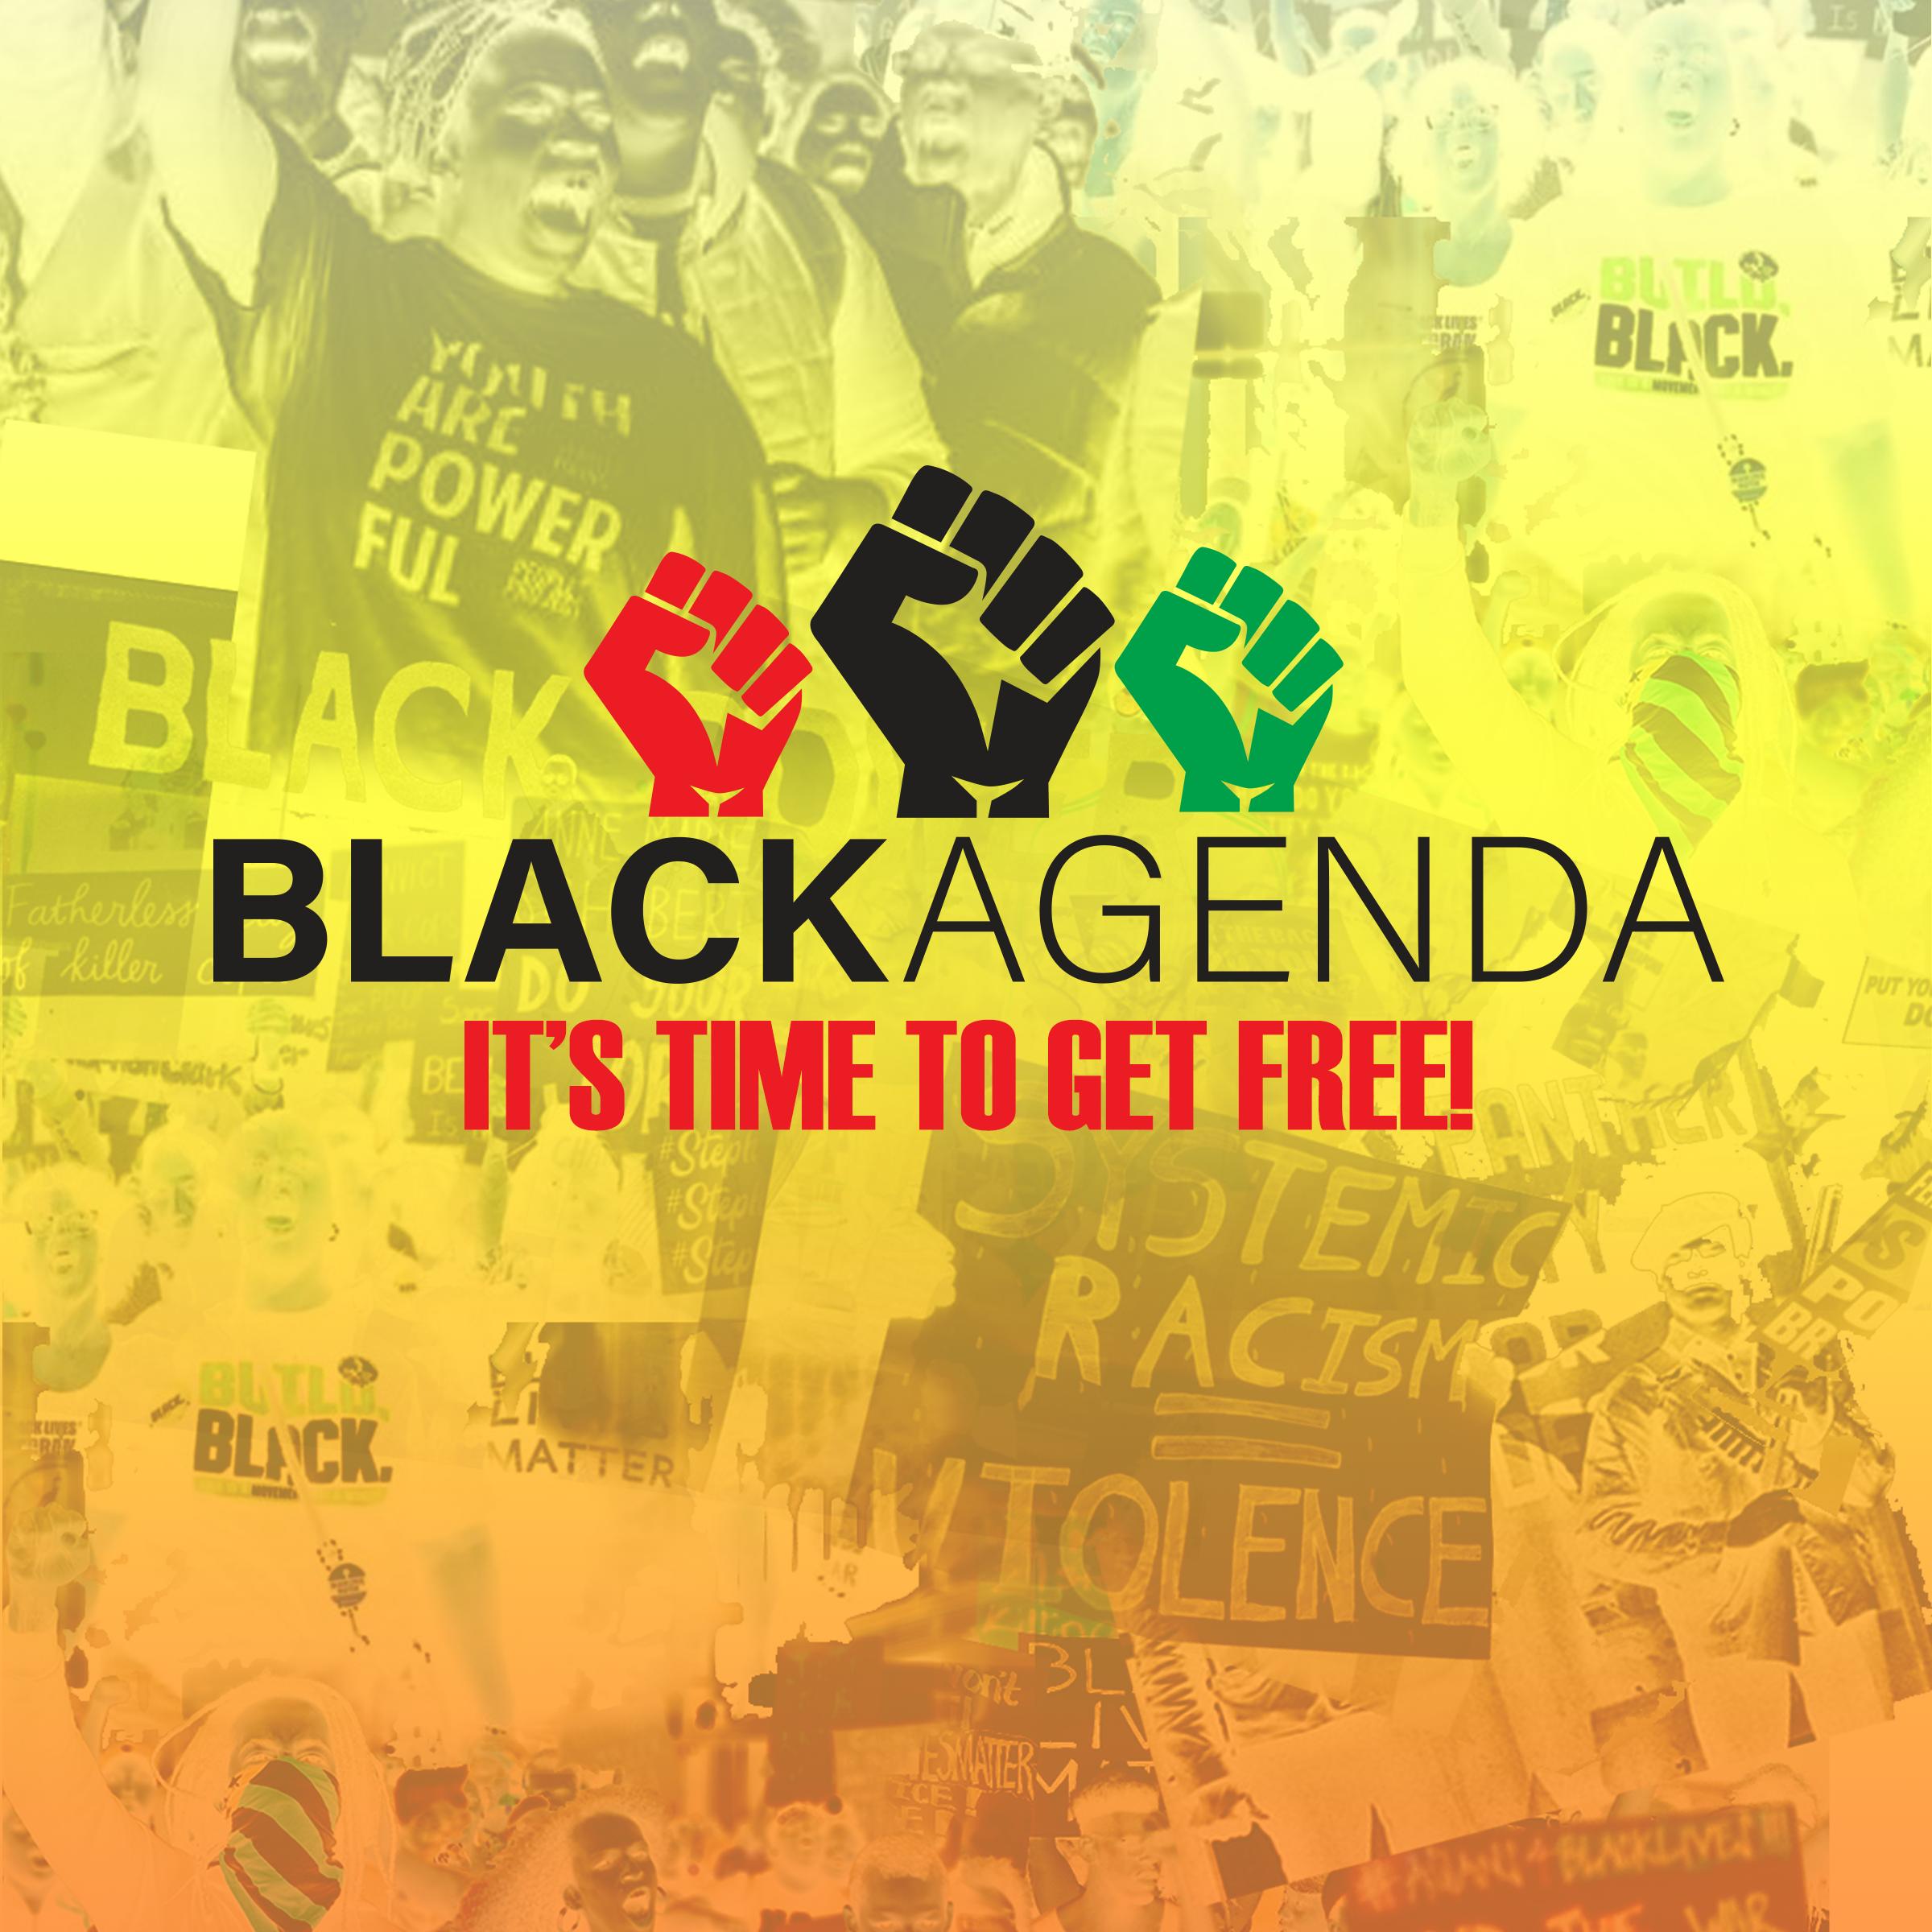 Black Agenda planning meetings